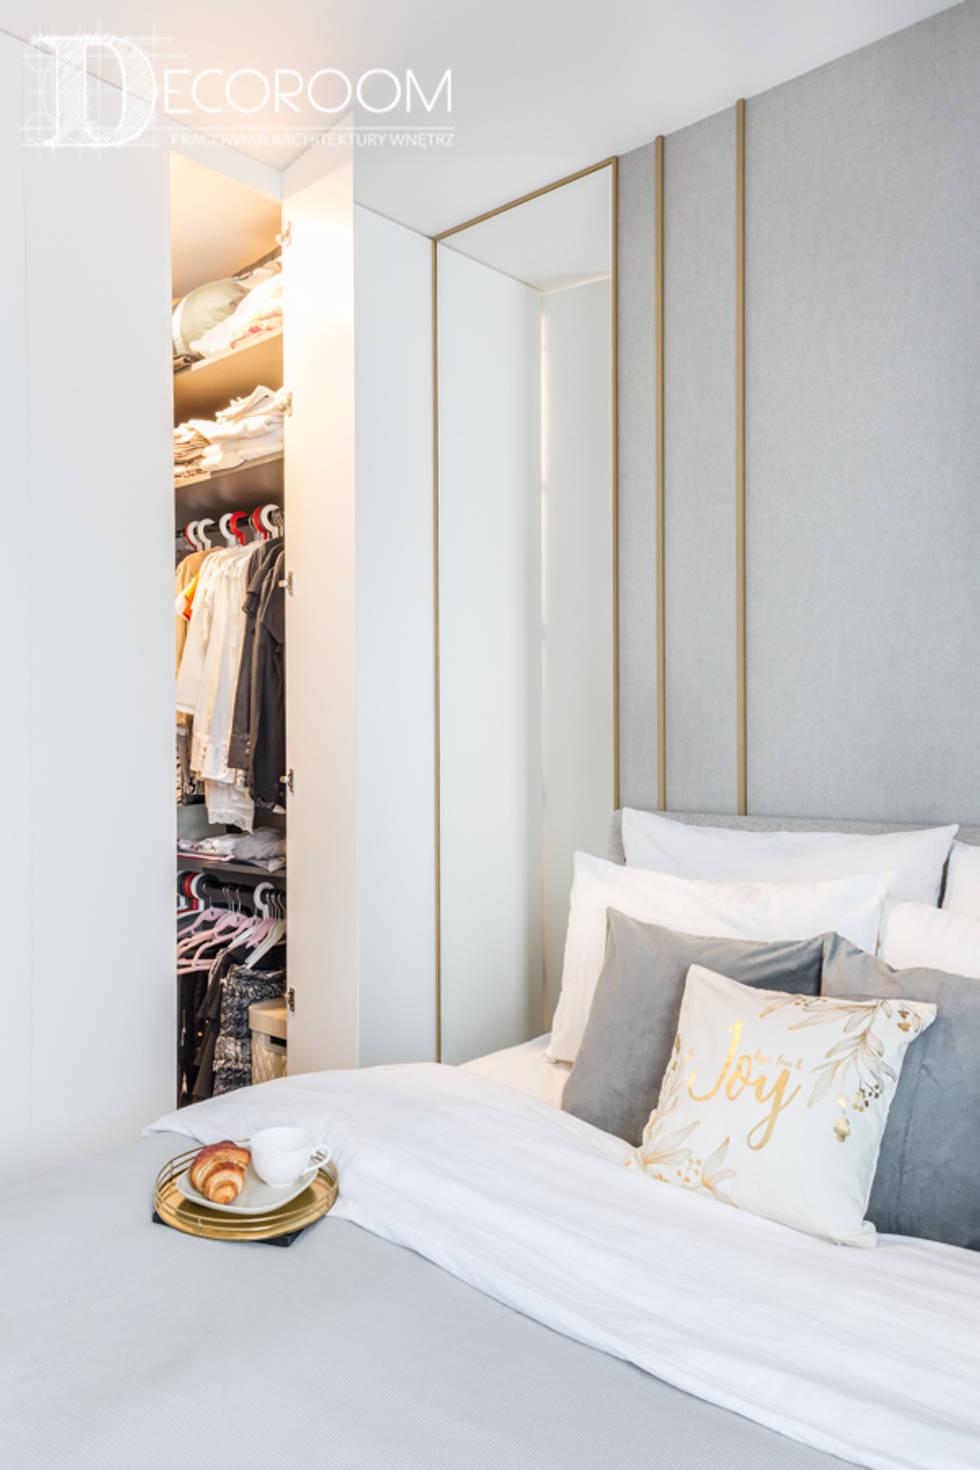 Дизайн интерьера квартиры 52 кв. метра- фотографии